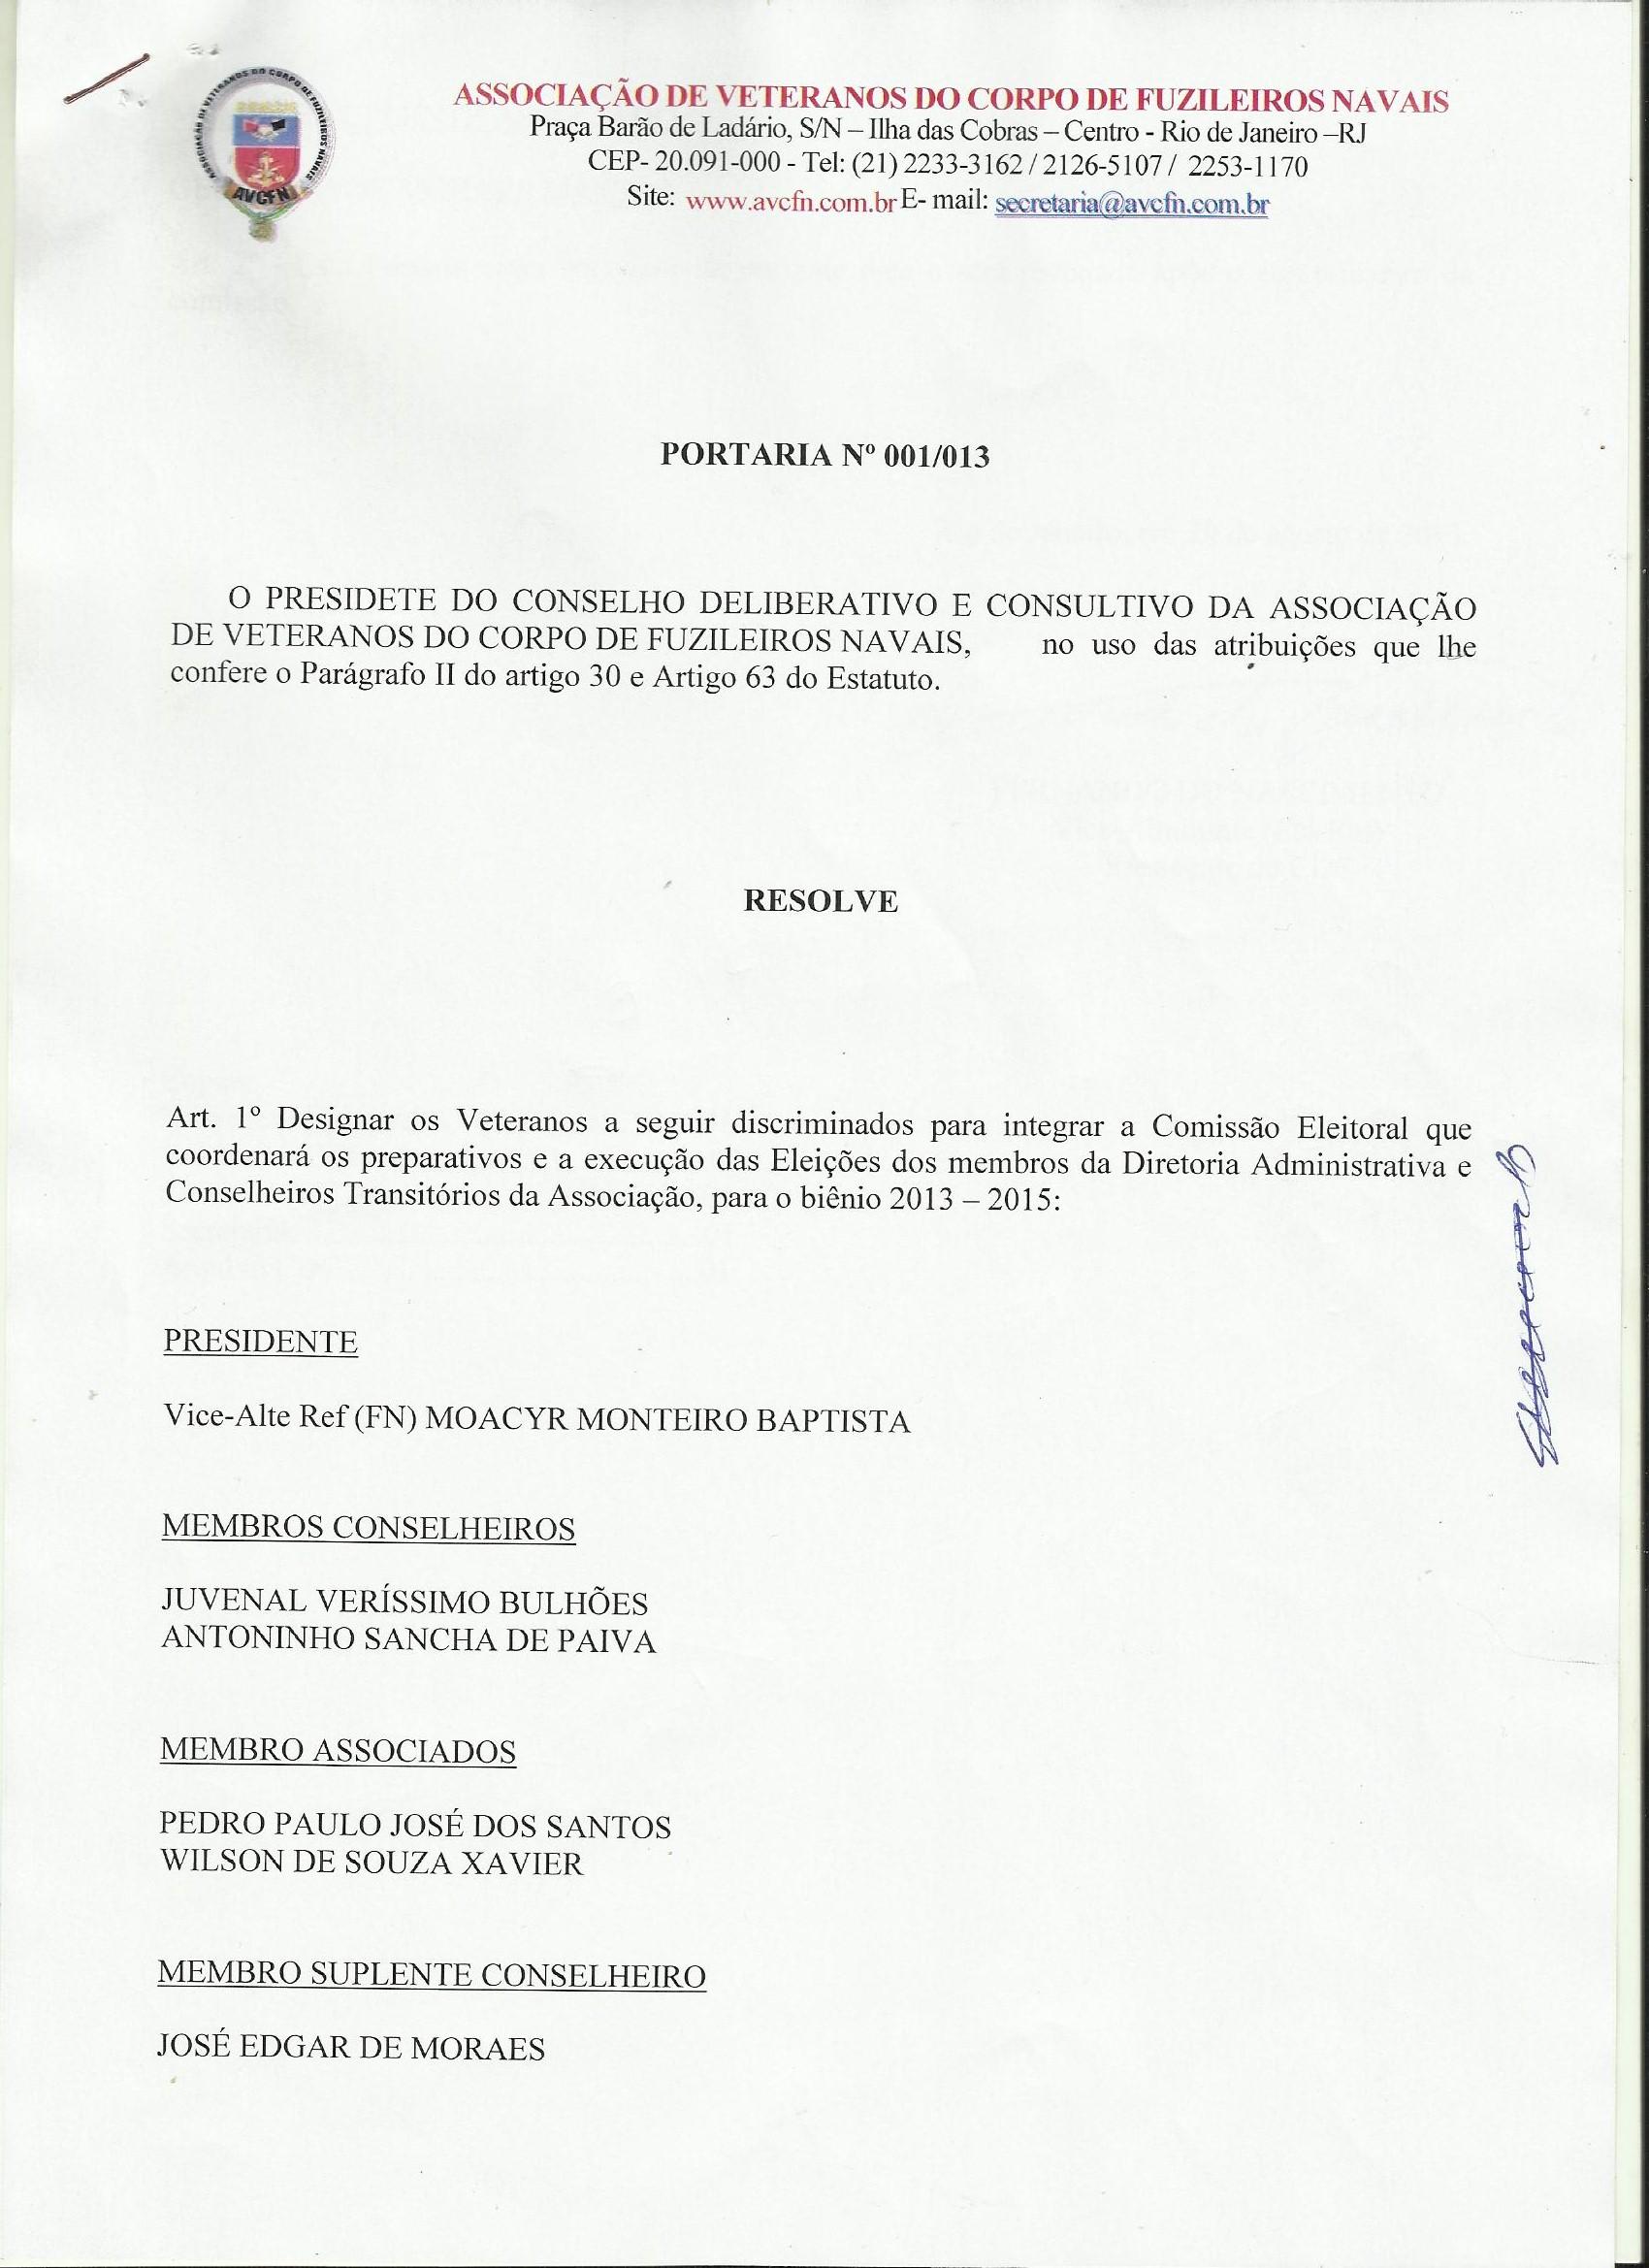 AVCFN - Associação de Veteranos do Corpo de Fuzileiros Navais 1f438612c94